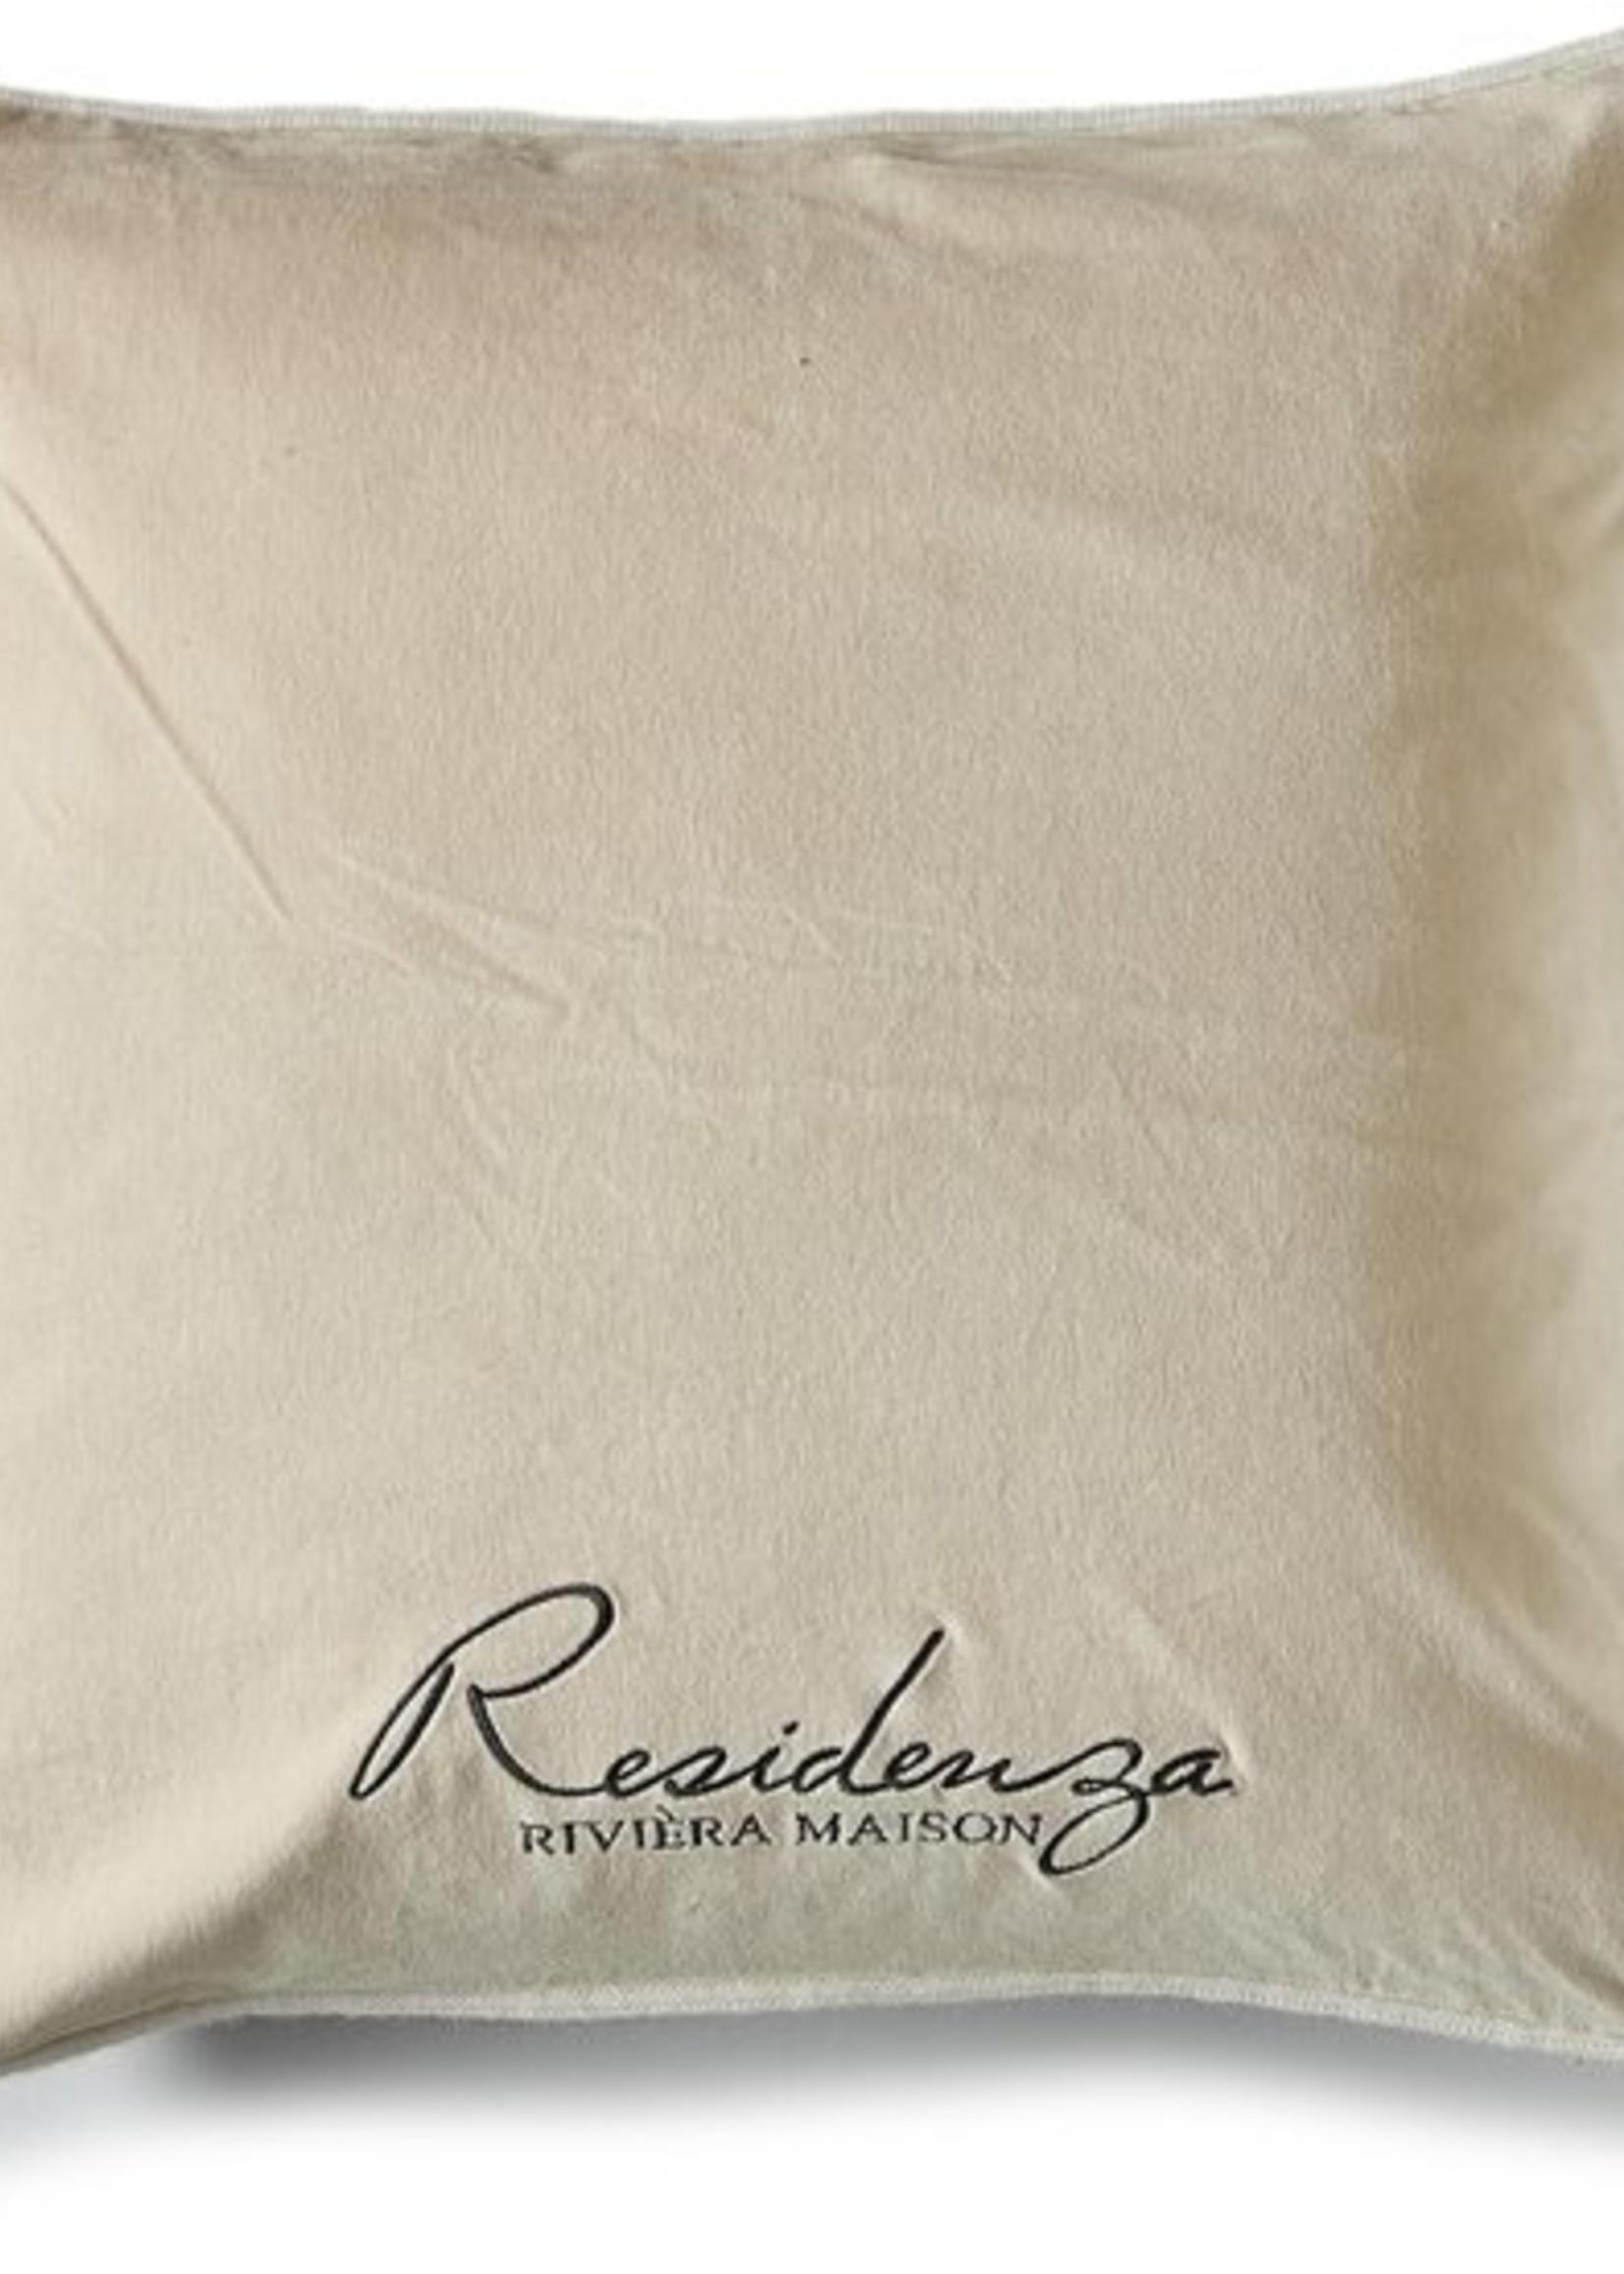 Riviera Maison Residenza Velvet pillow cover